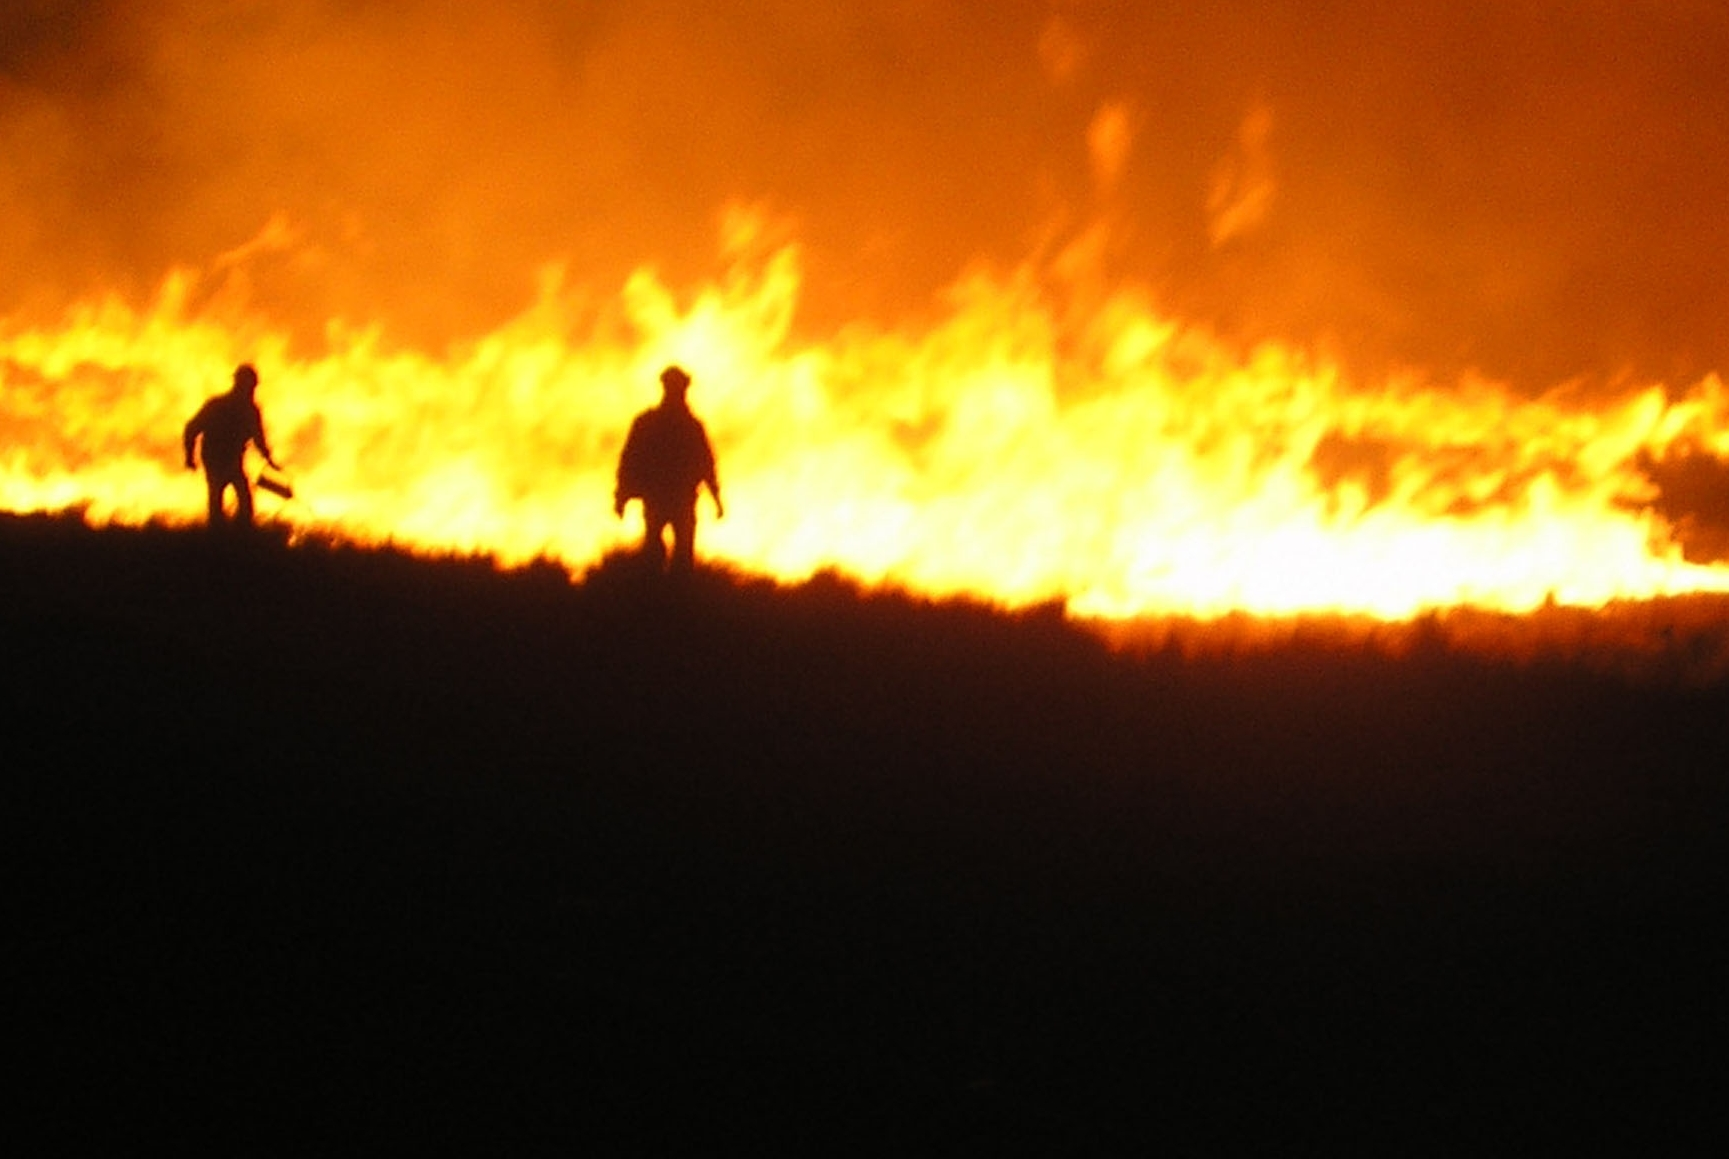 Caracterización de la situación de incendios en las áreas protegidas nacionales de Argentina, a partir de focos de calor MODIS y VIIRS (Periodo 2003-2020)